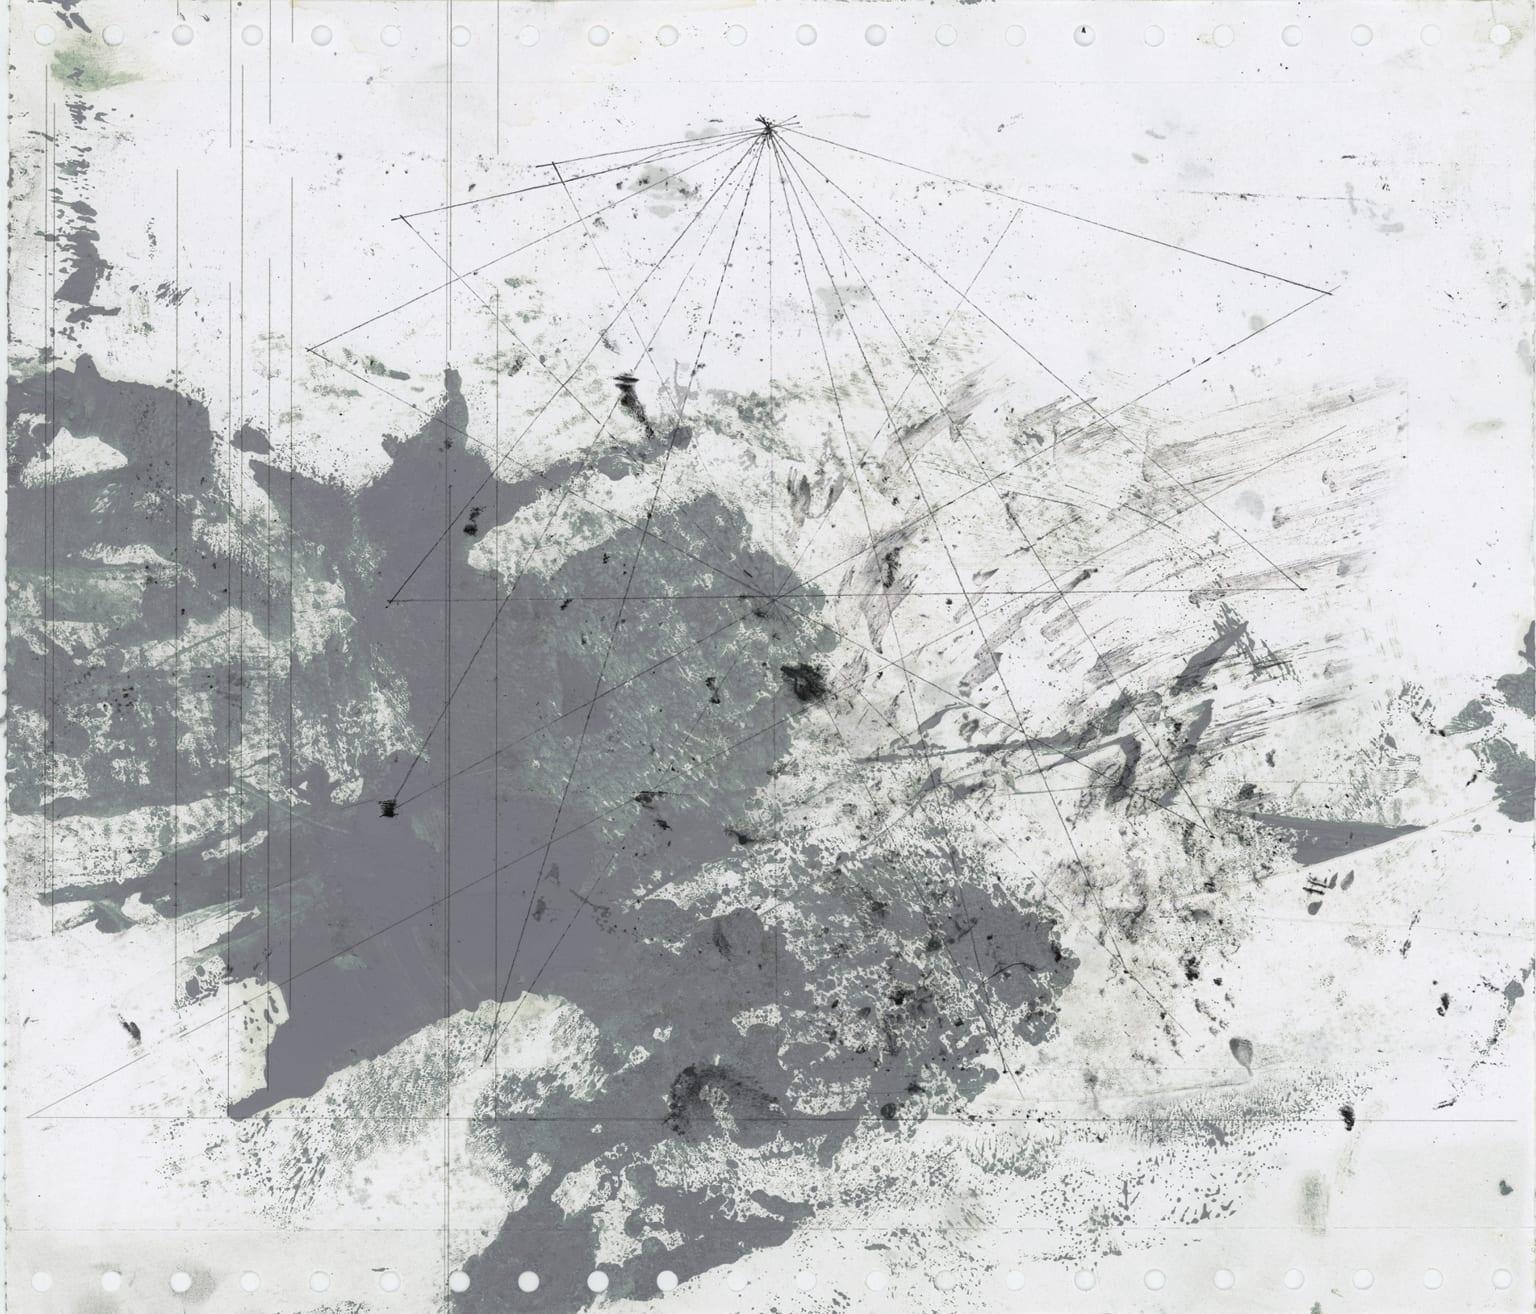 Roberto Calbucci, Astratto +/- E, oil, ink and pencil on paper, 2012.